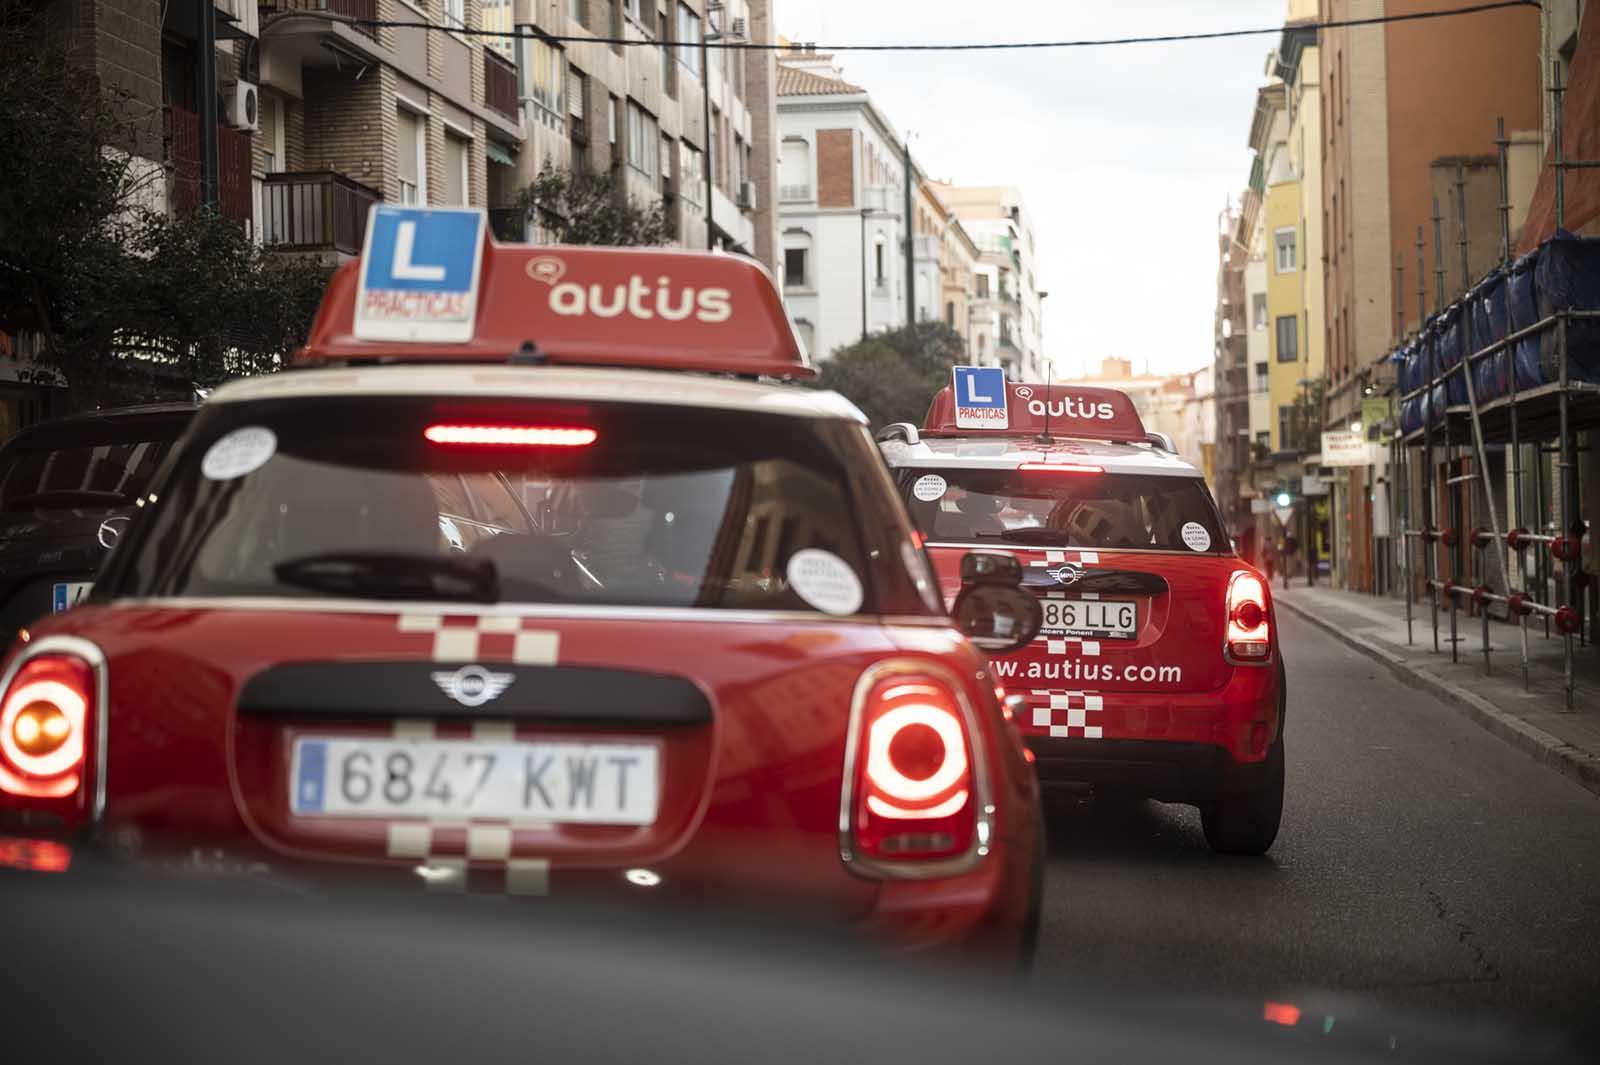 Las luces de emergencia del coche